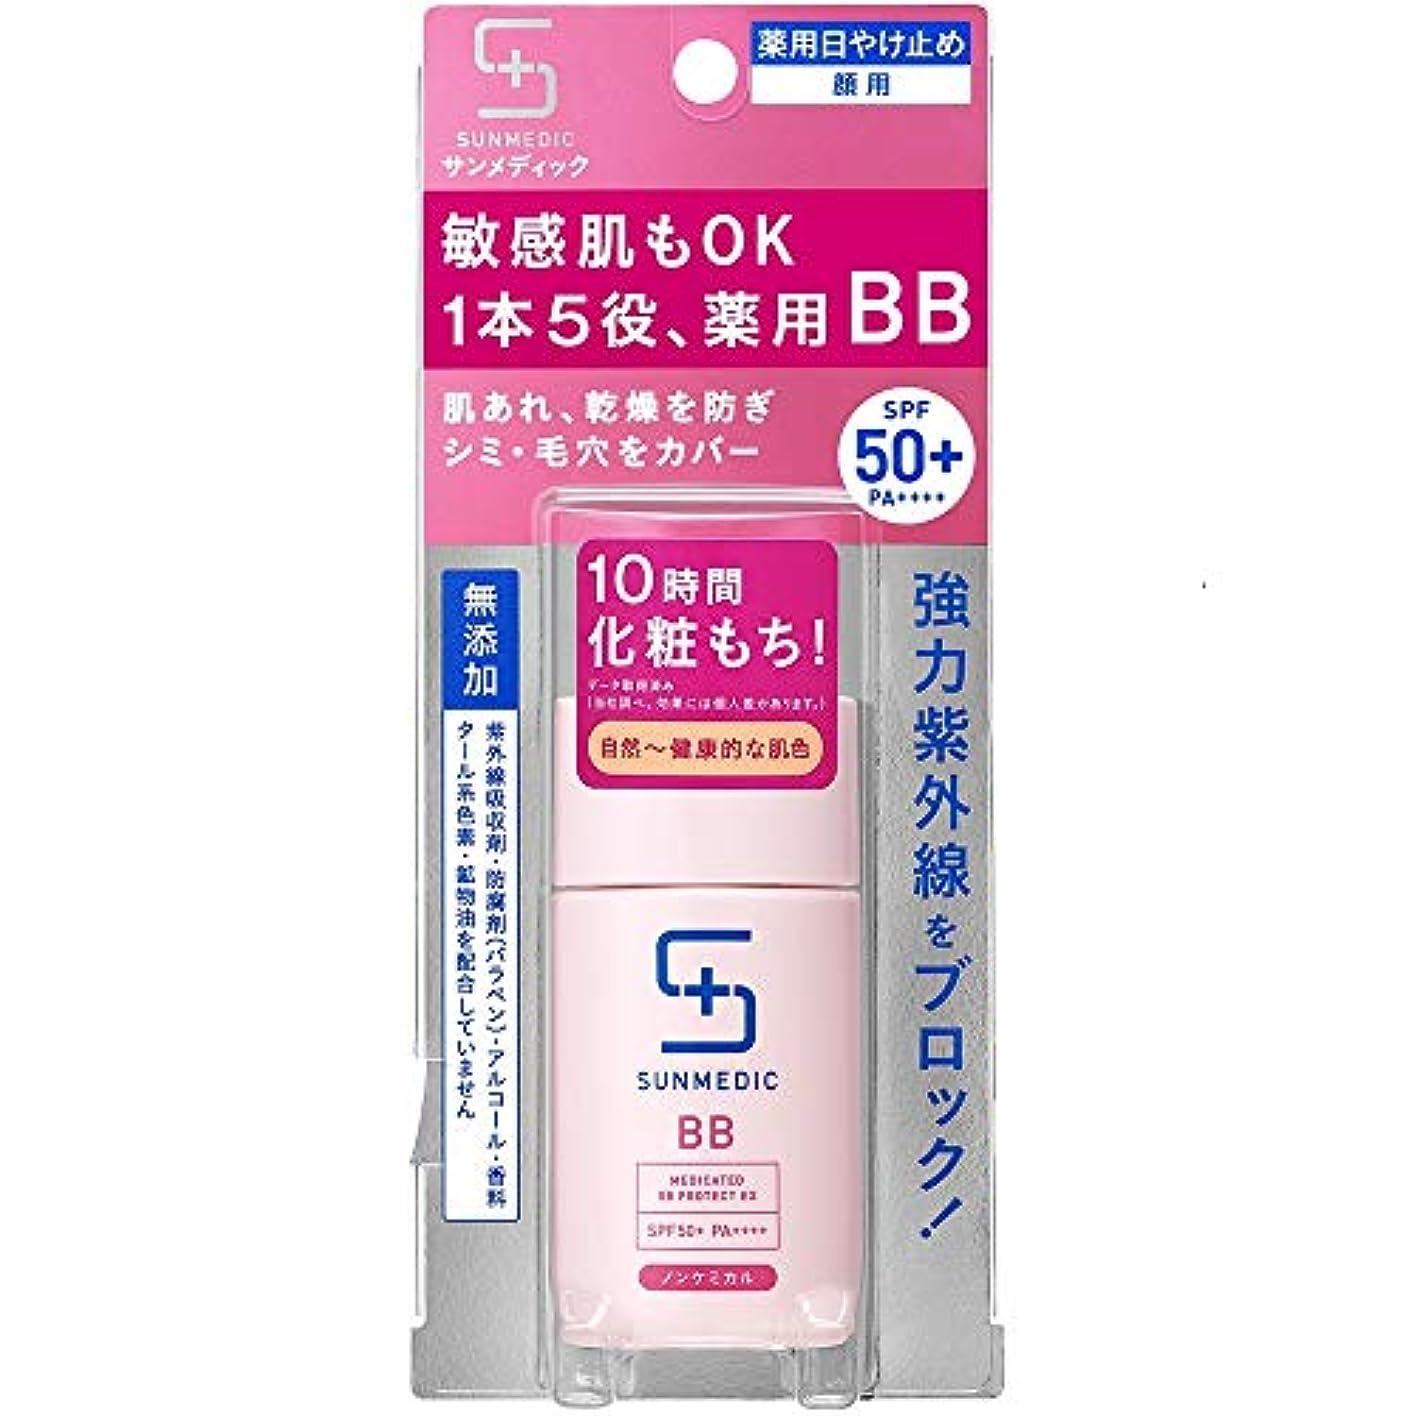 抵抗いらいらさせる宿泊サンメディックUV 薬用BBプロテクトEX ナチュラル 30ml (医薬部外品)